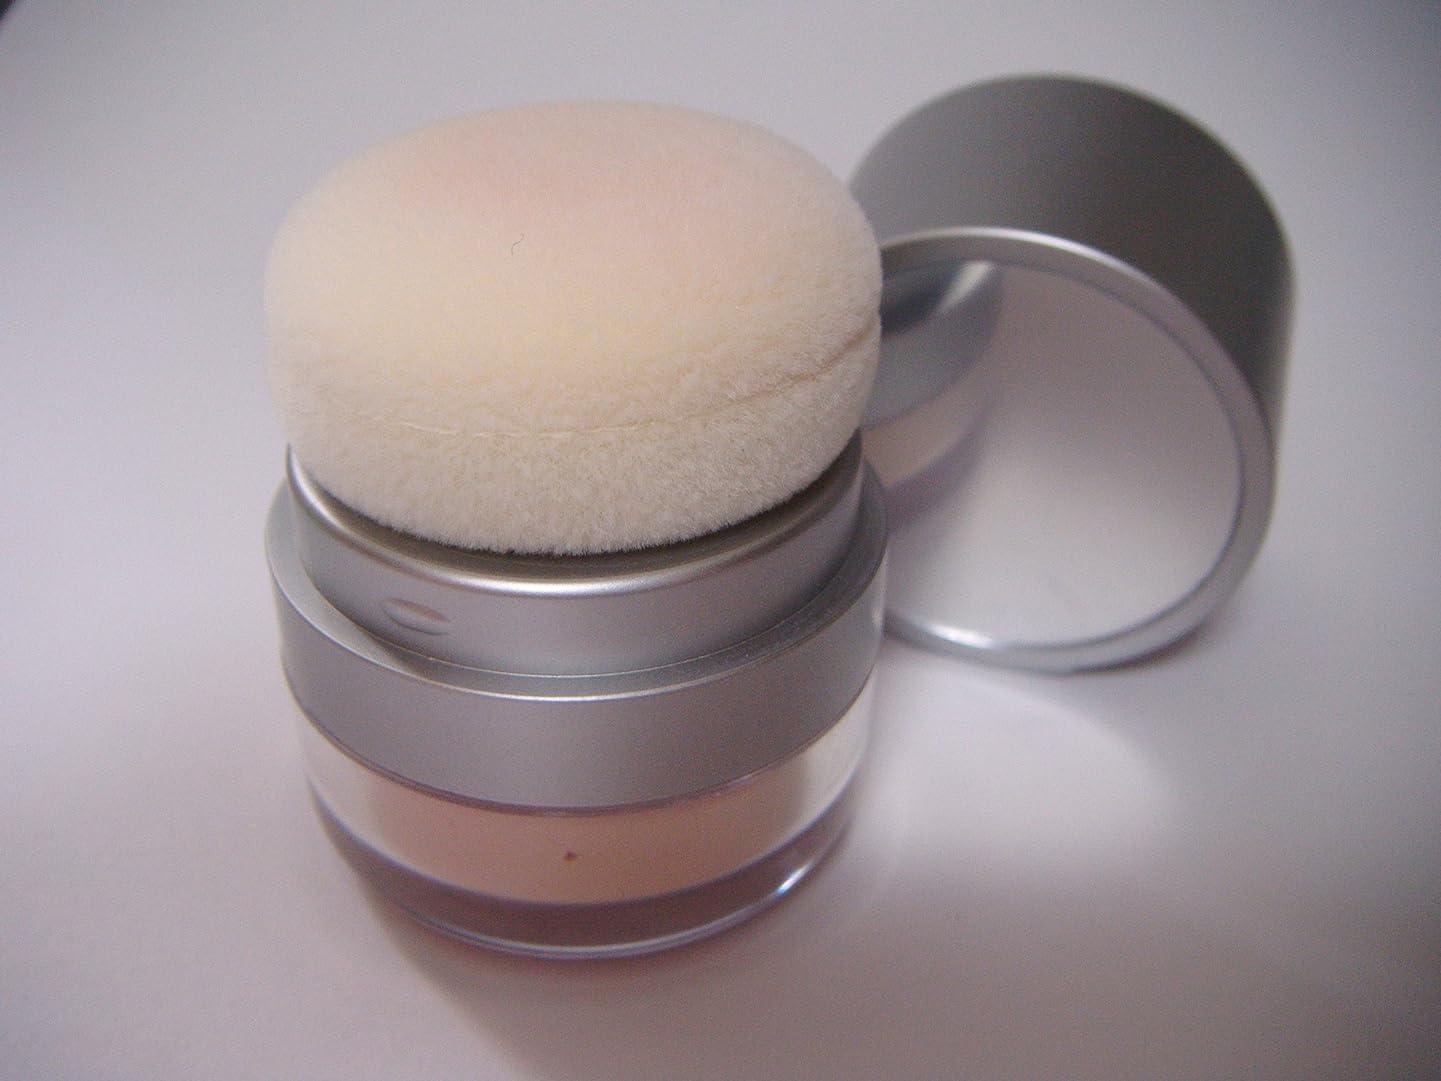 UVプルーフブリリアントルースパウダー(8g)